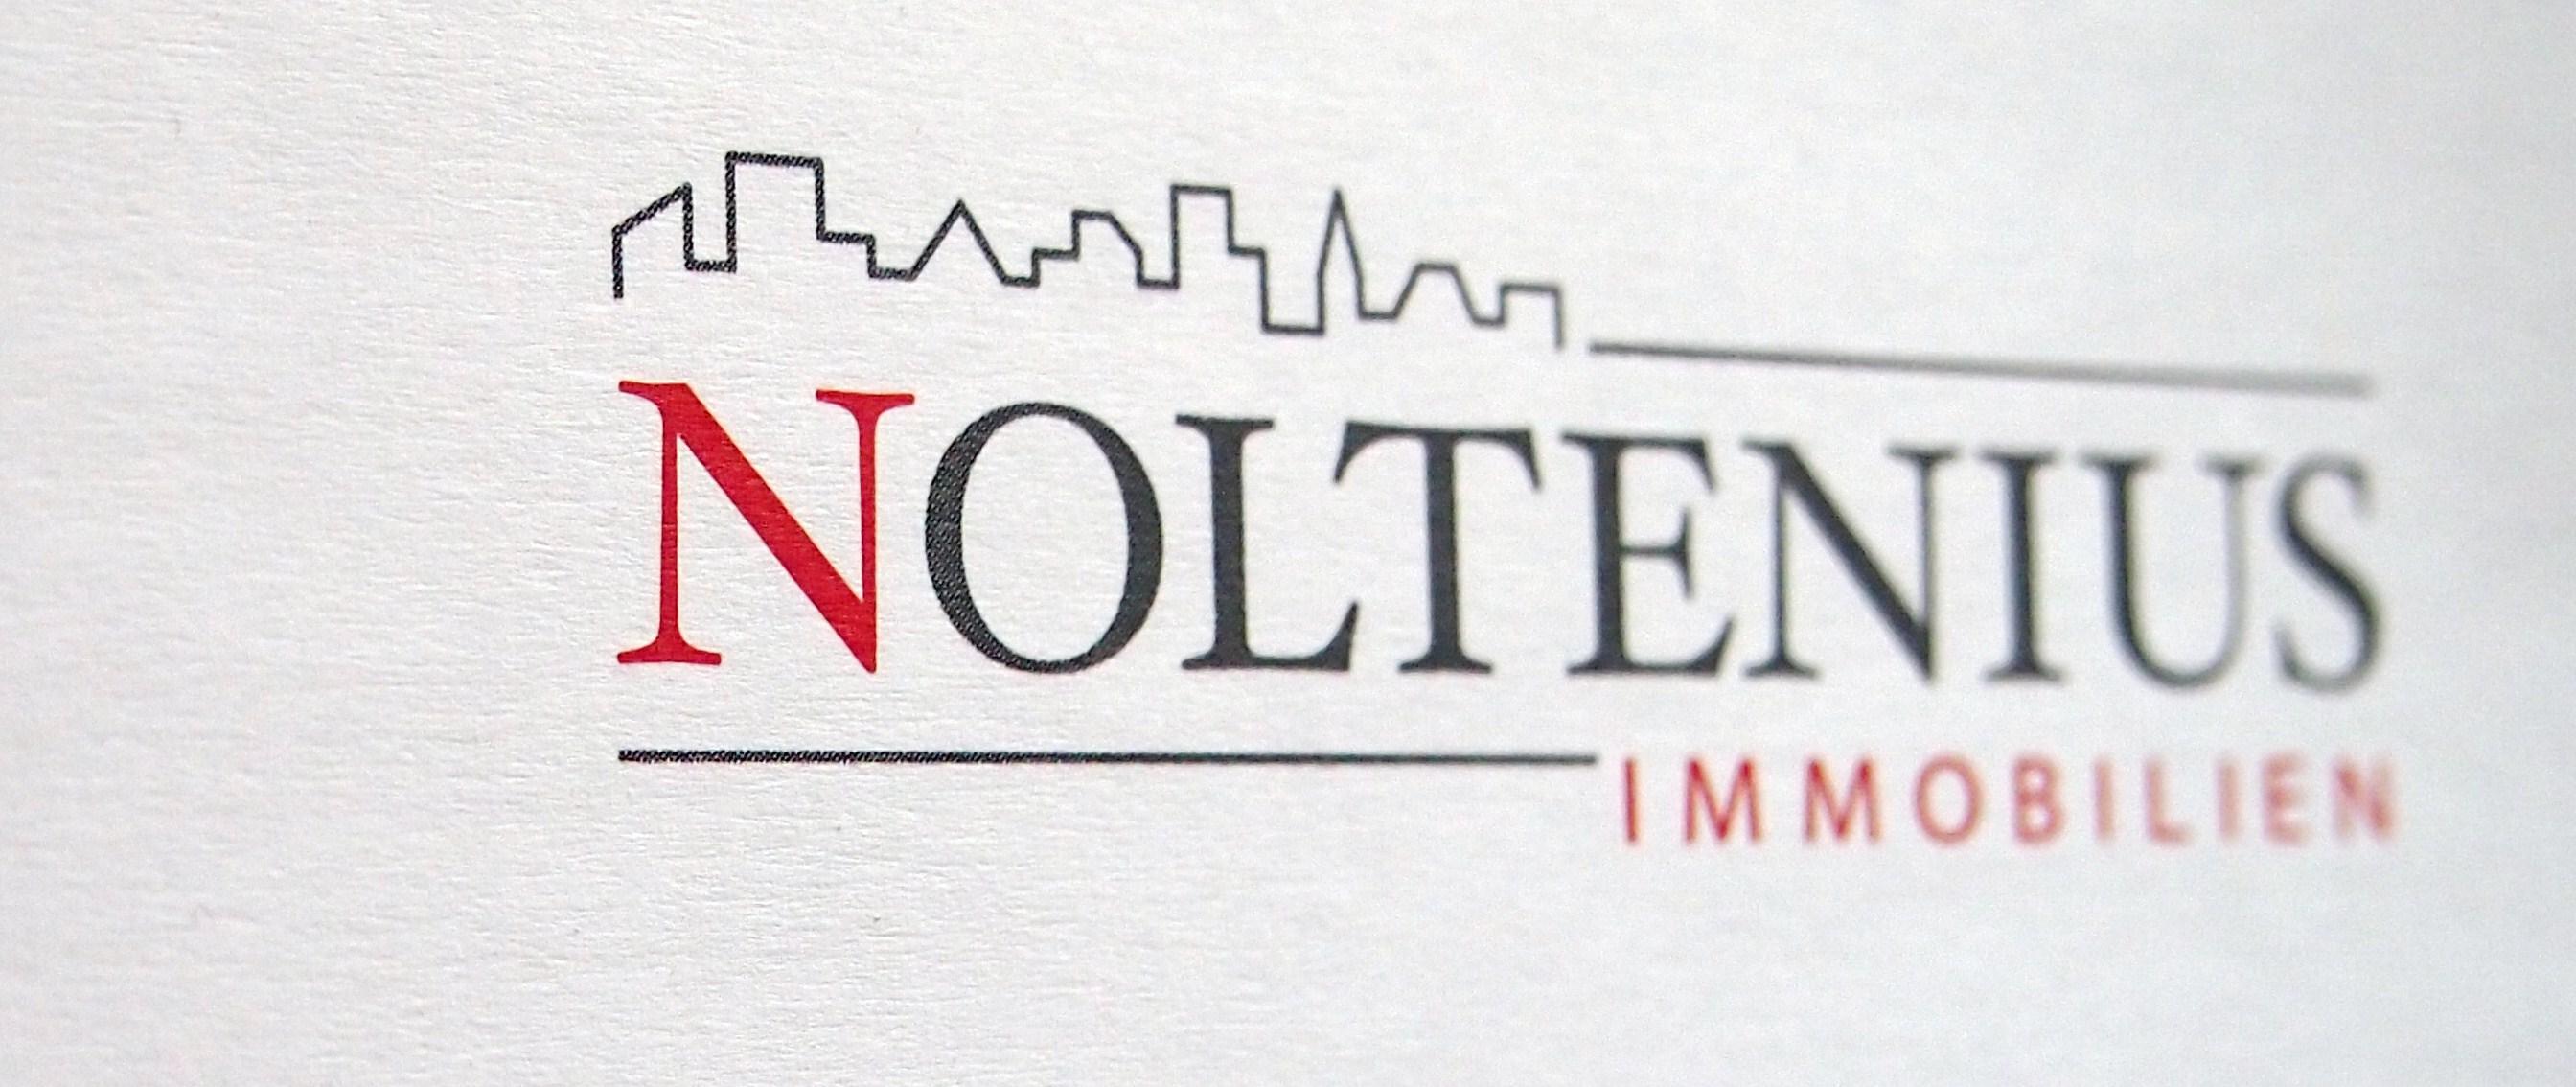 Hier sehen Sie das Logo von NOLTENIUS IMMOBILIEN